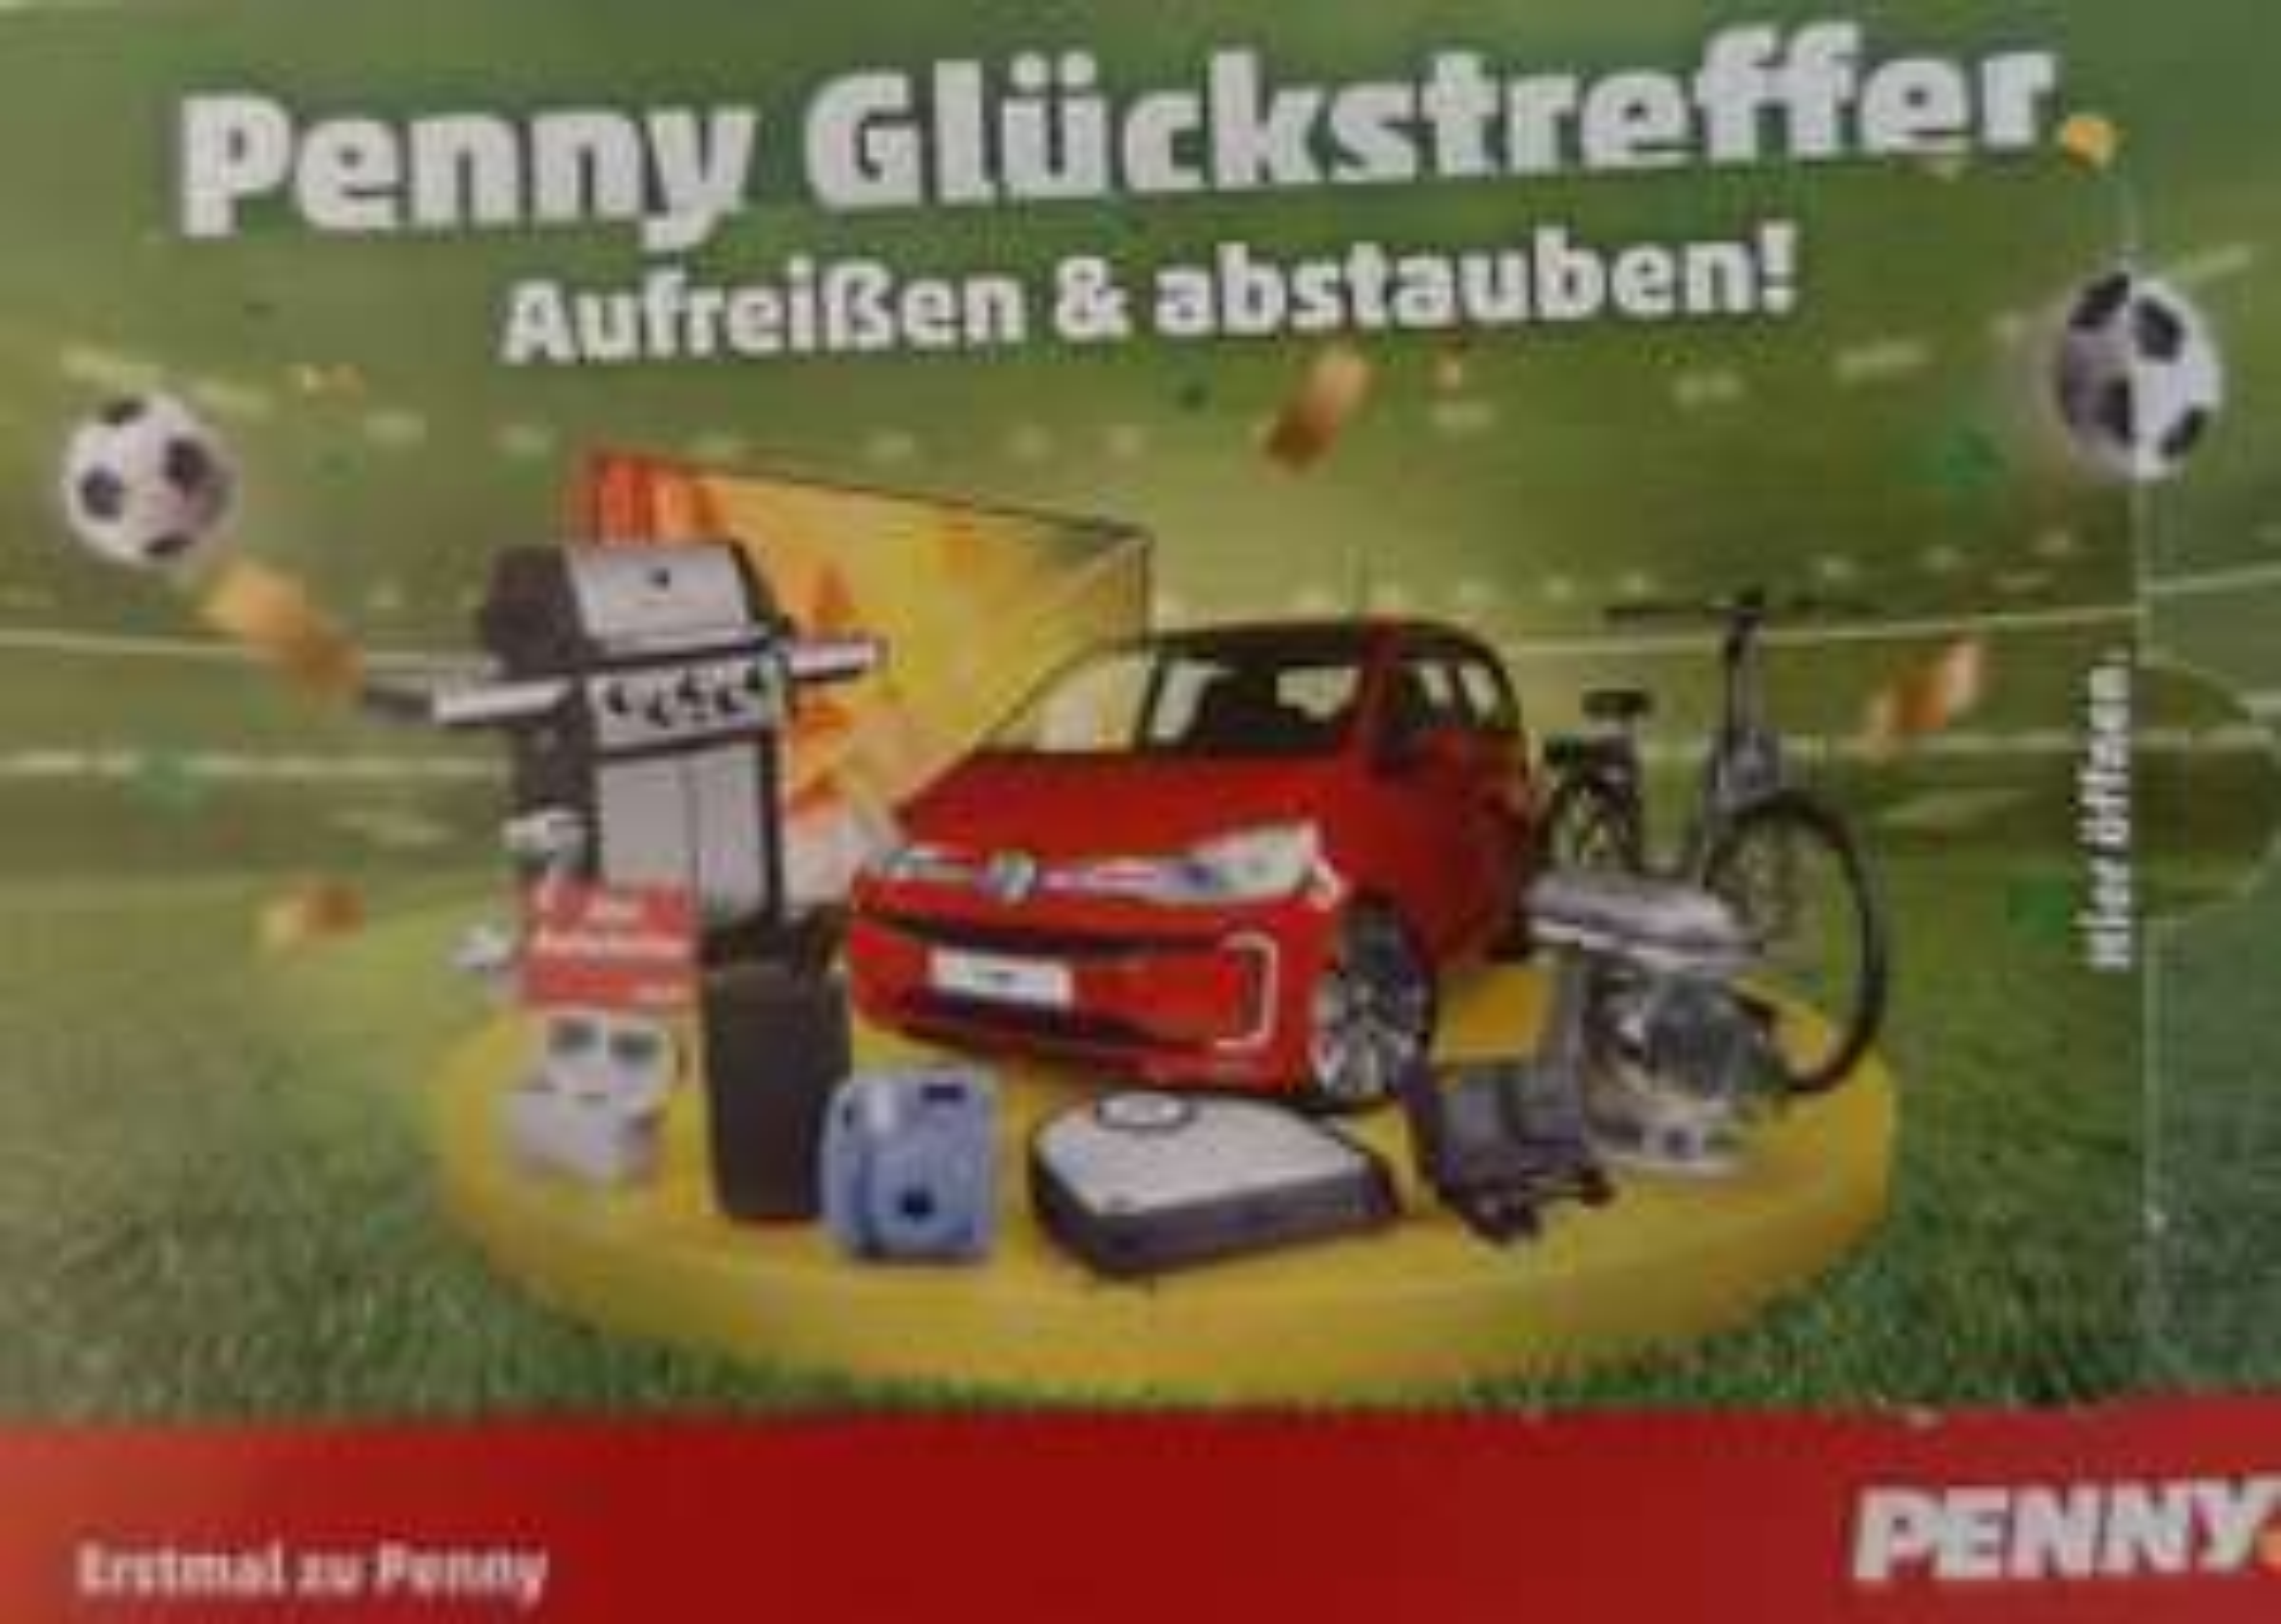 Penny 5 Euro Gutschein ab 40 Euro Mindesteinkaufswert im Penny Markt (offline) bis 11.07.2021